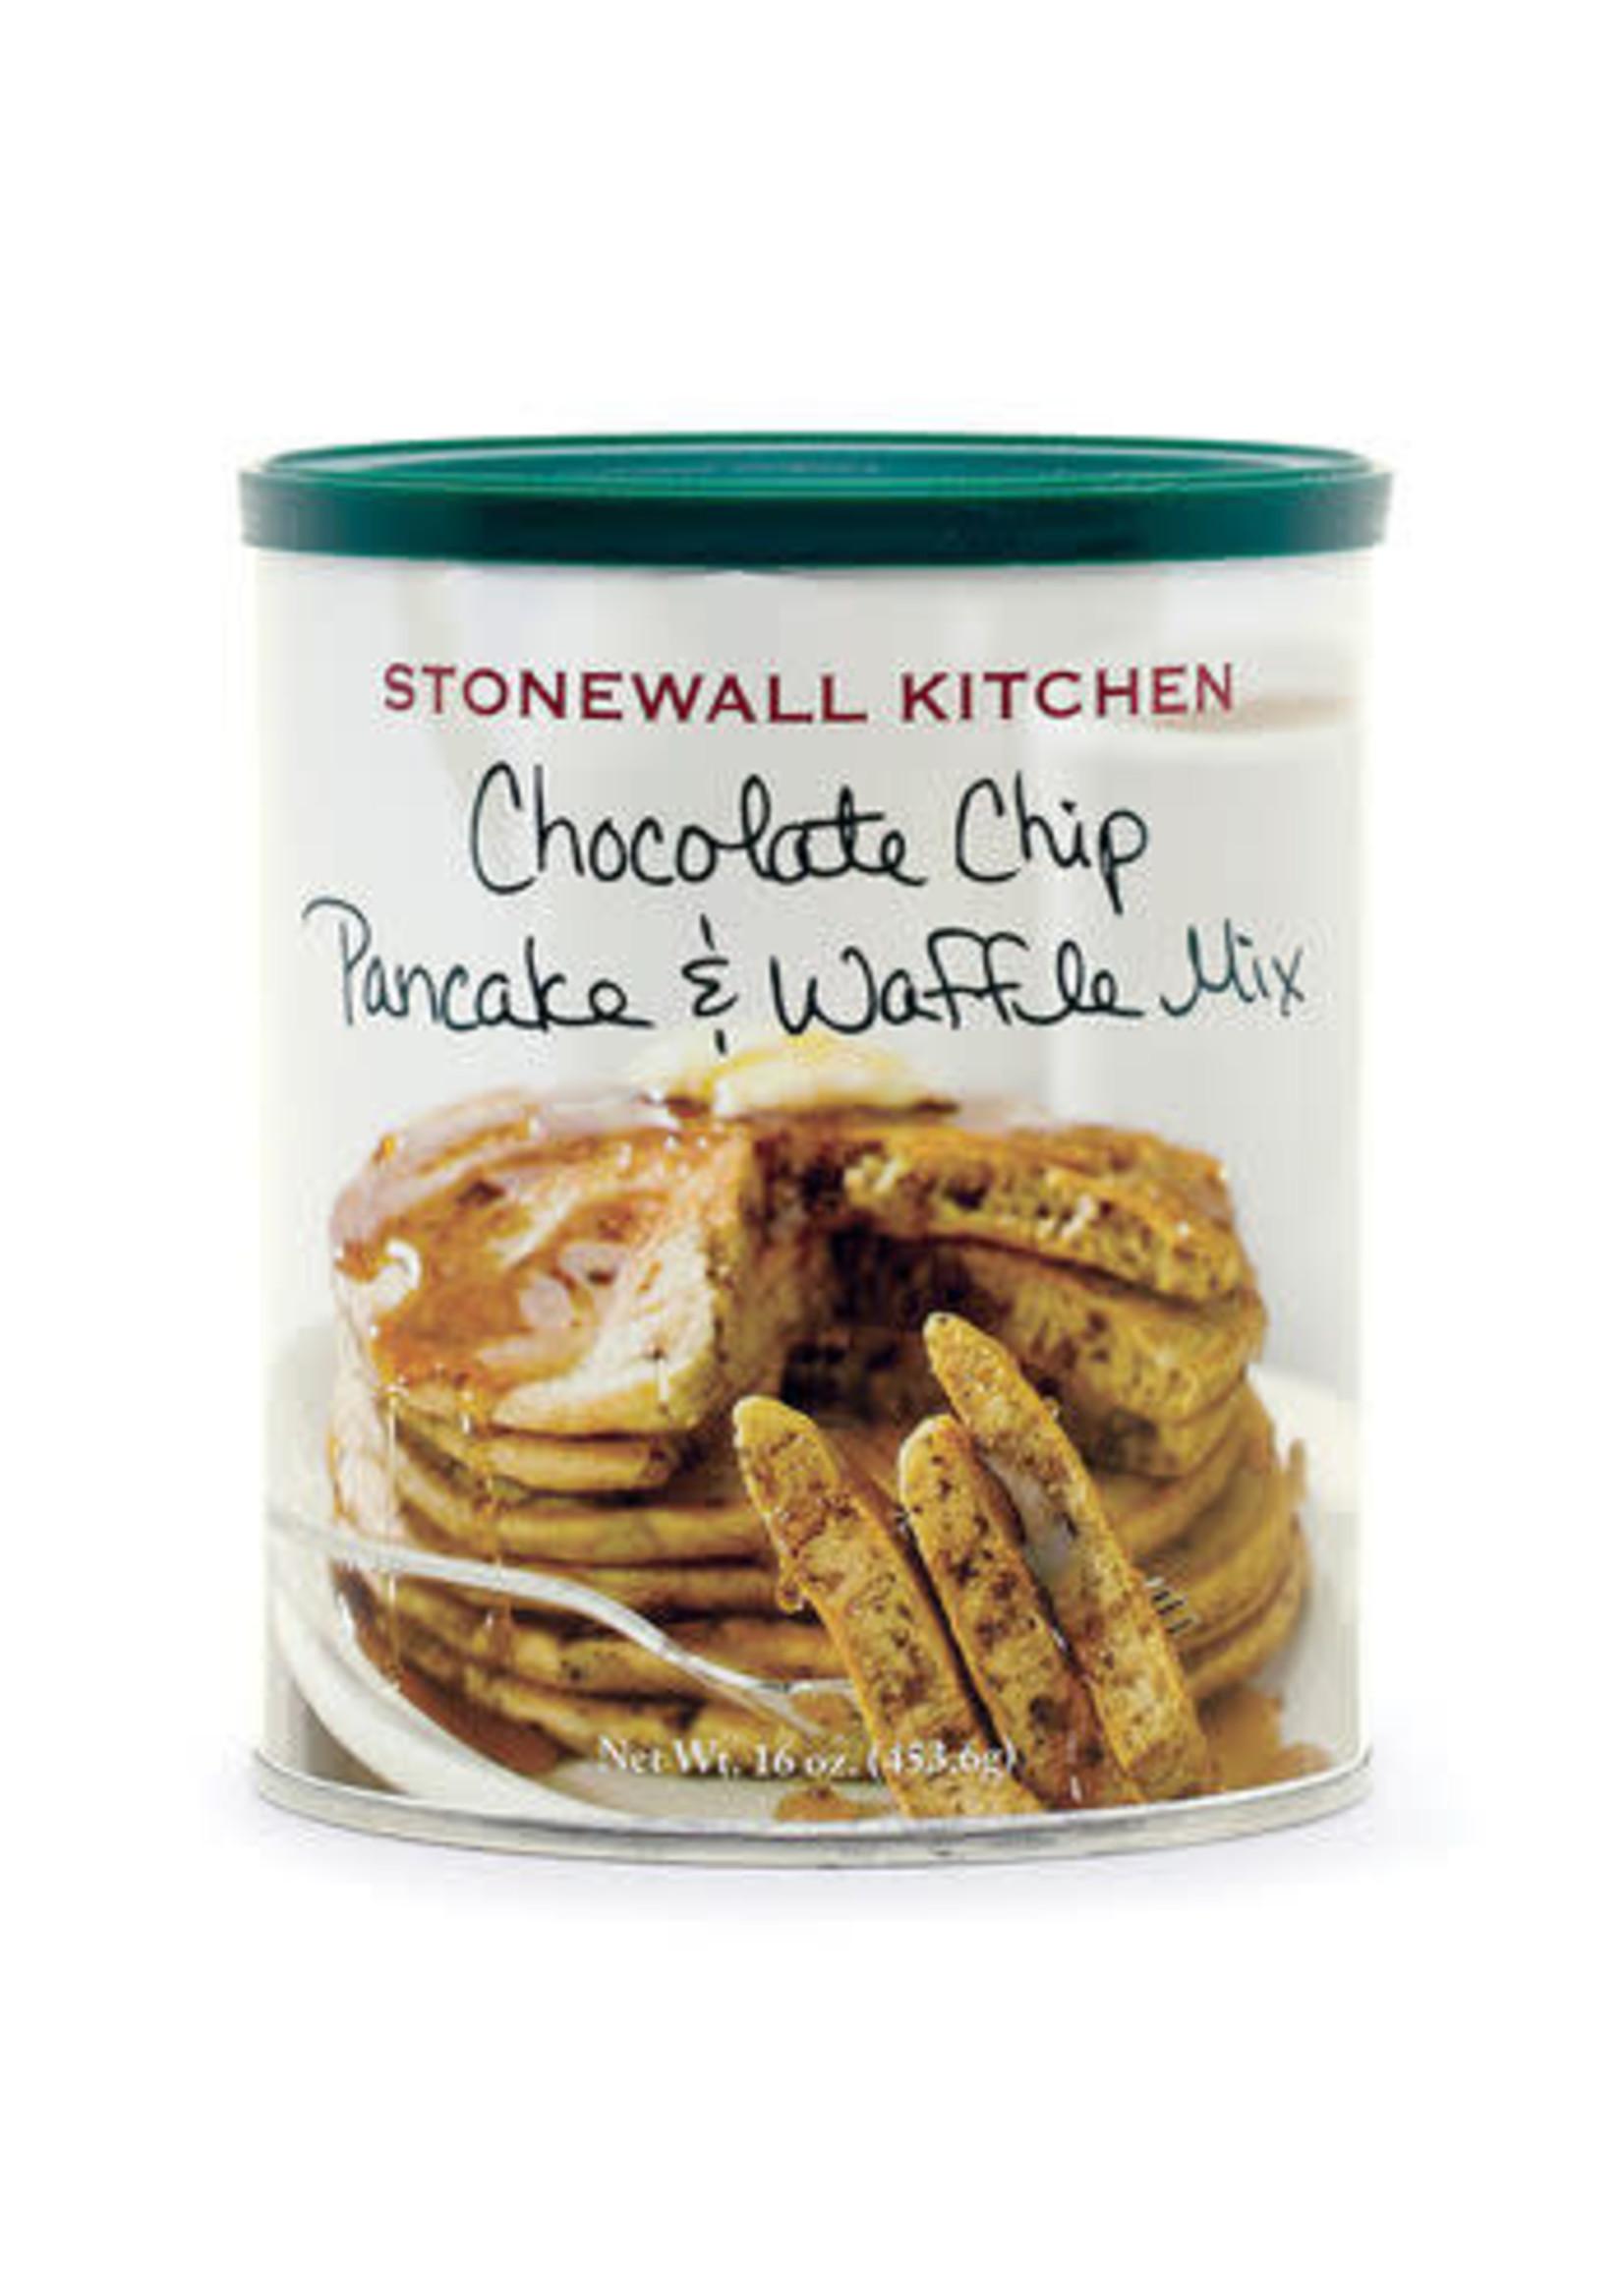 Stonewall Kitchen Chocolate Chip Pancake & Waffle Mix